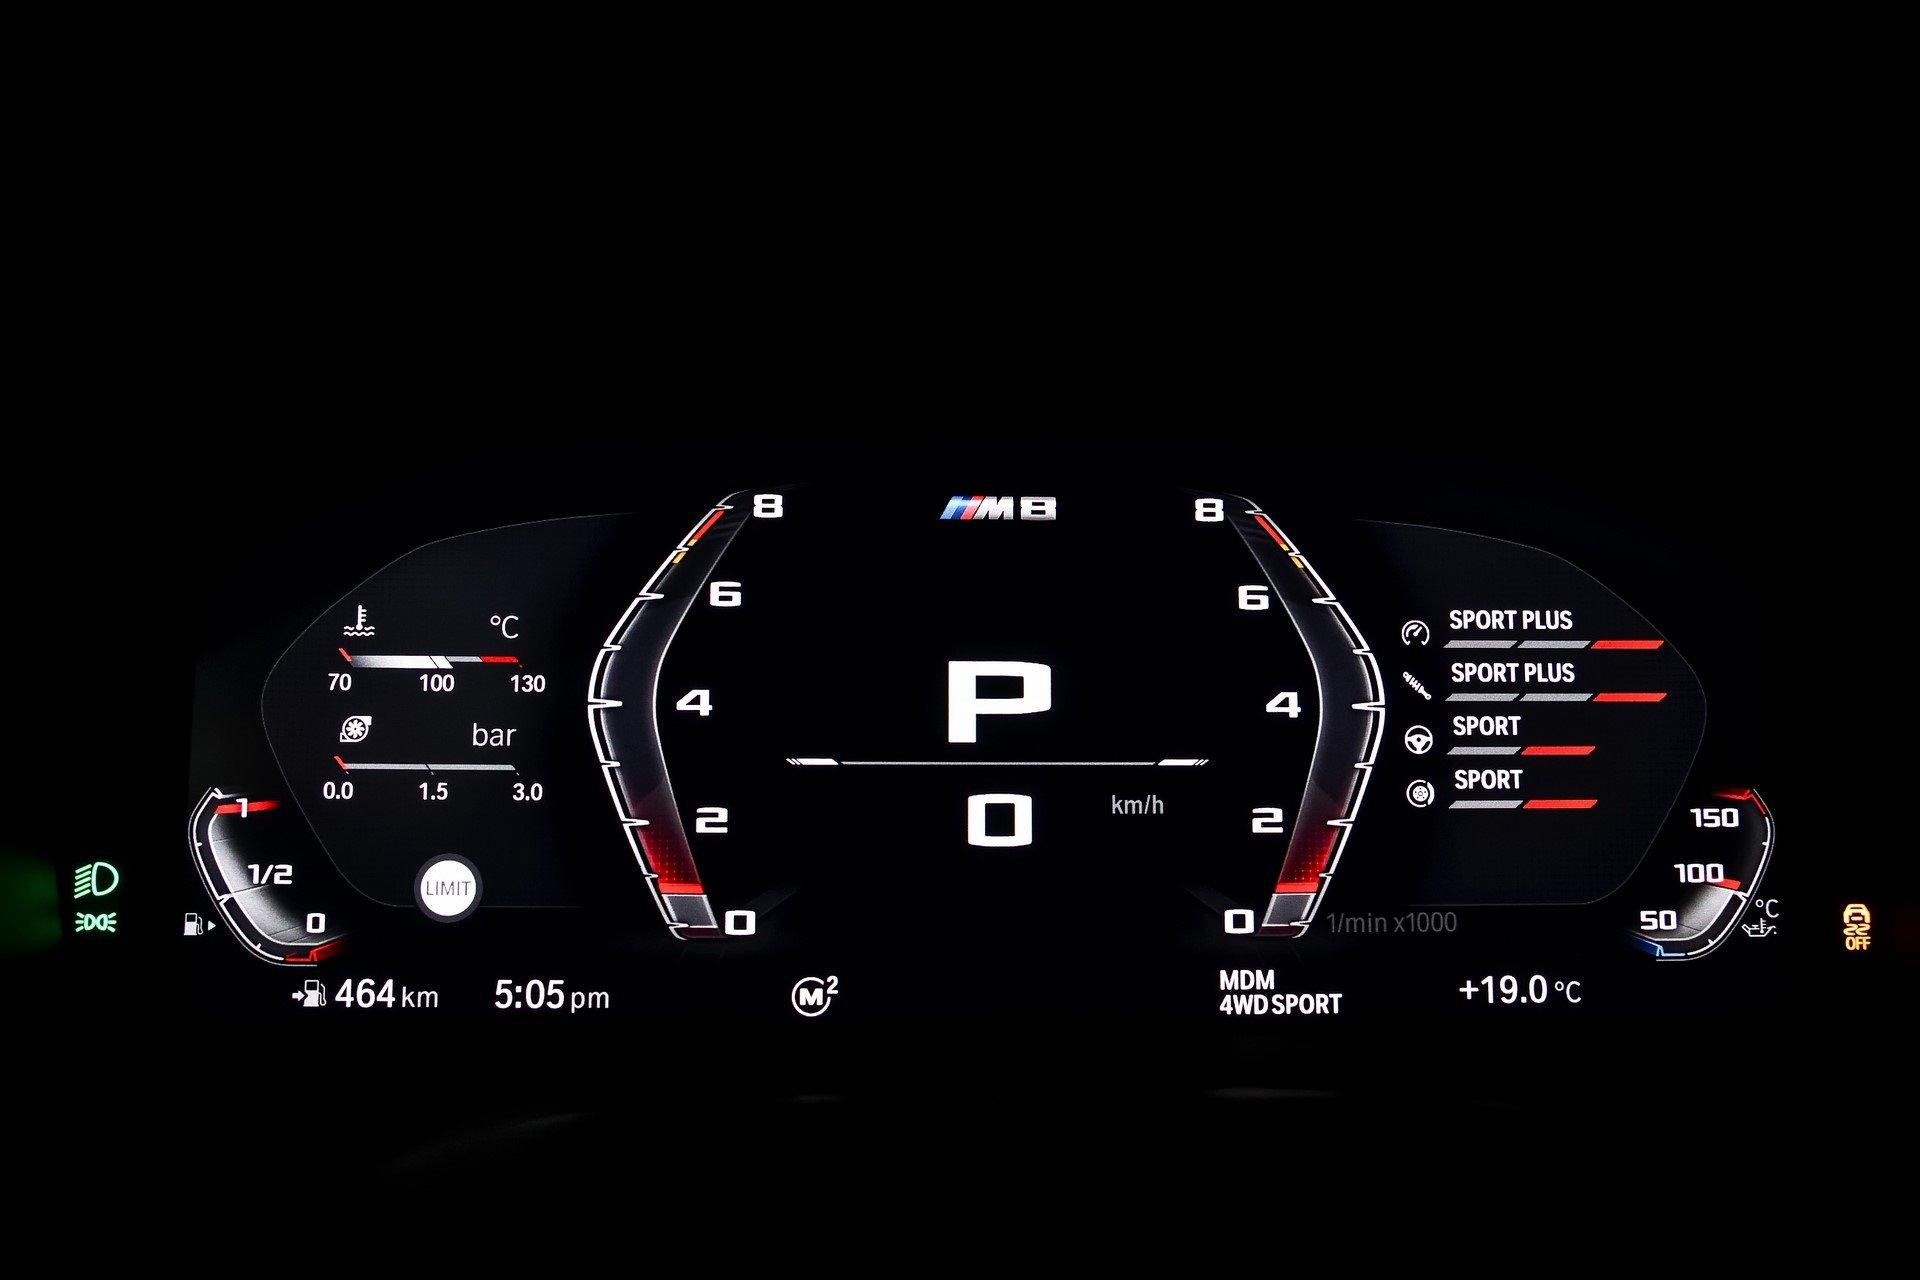 BMW-M8-spy-photos-40